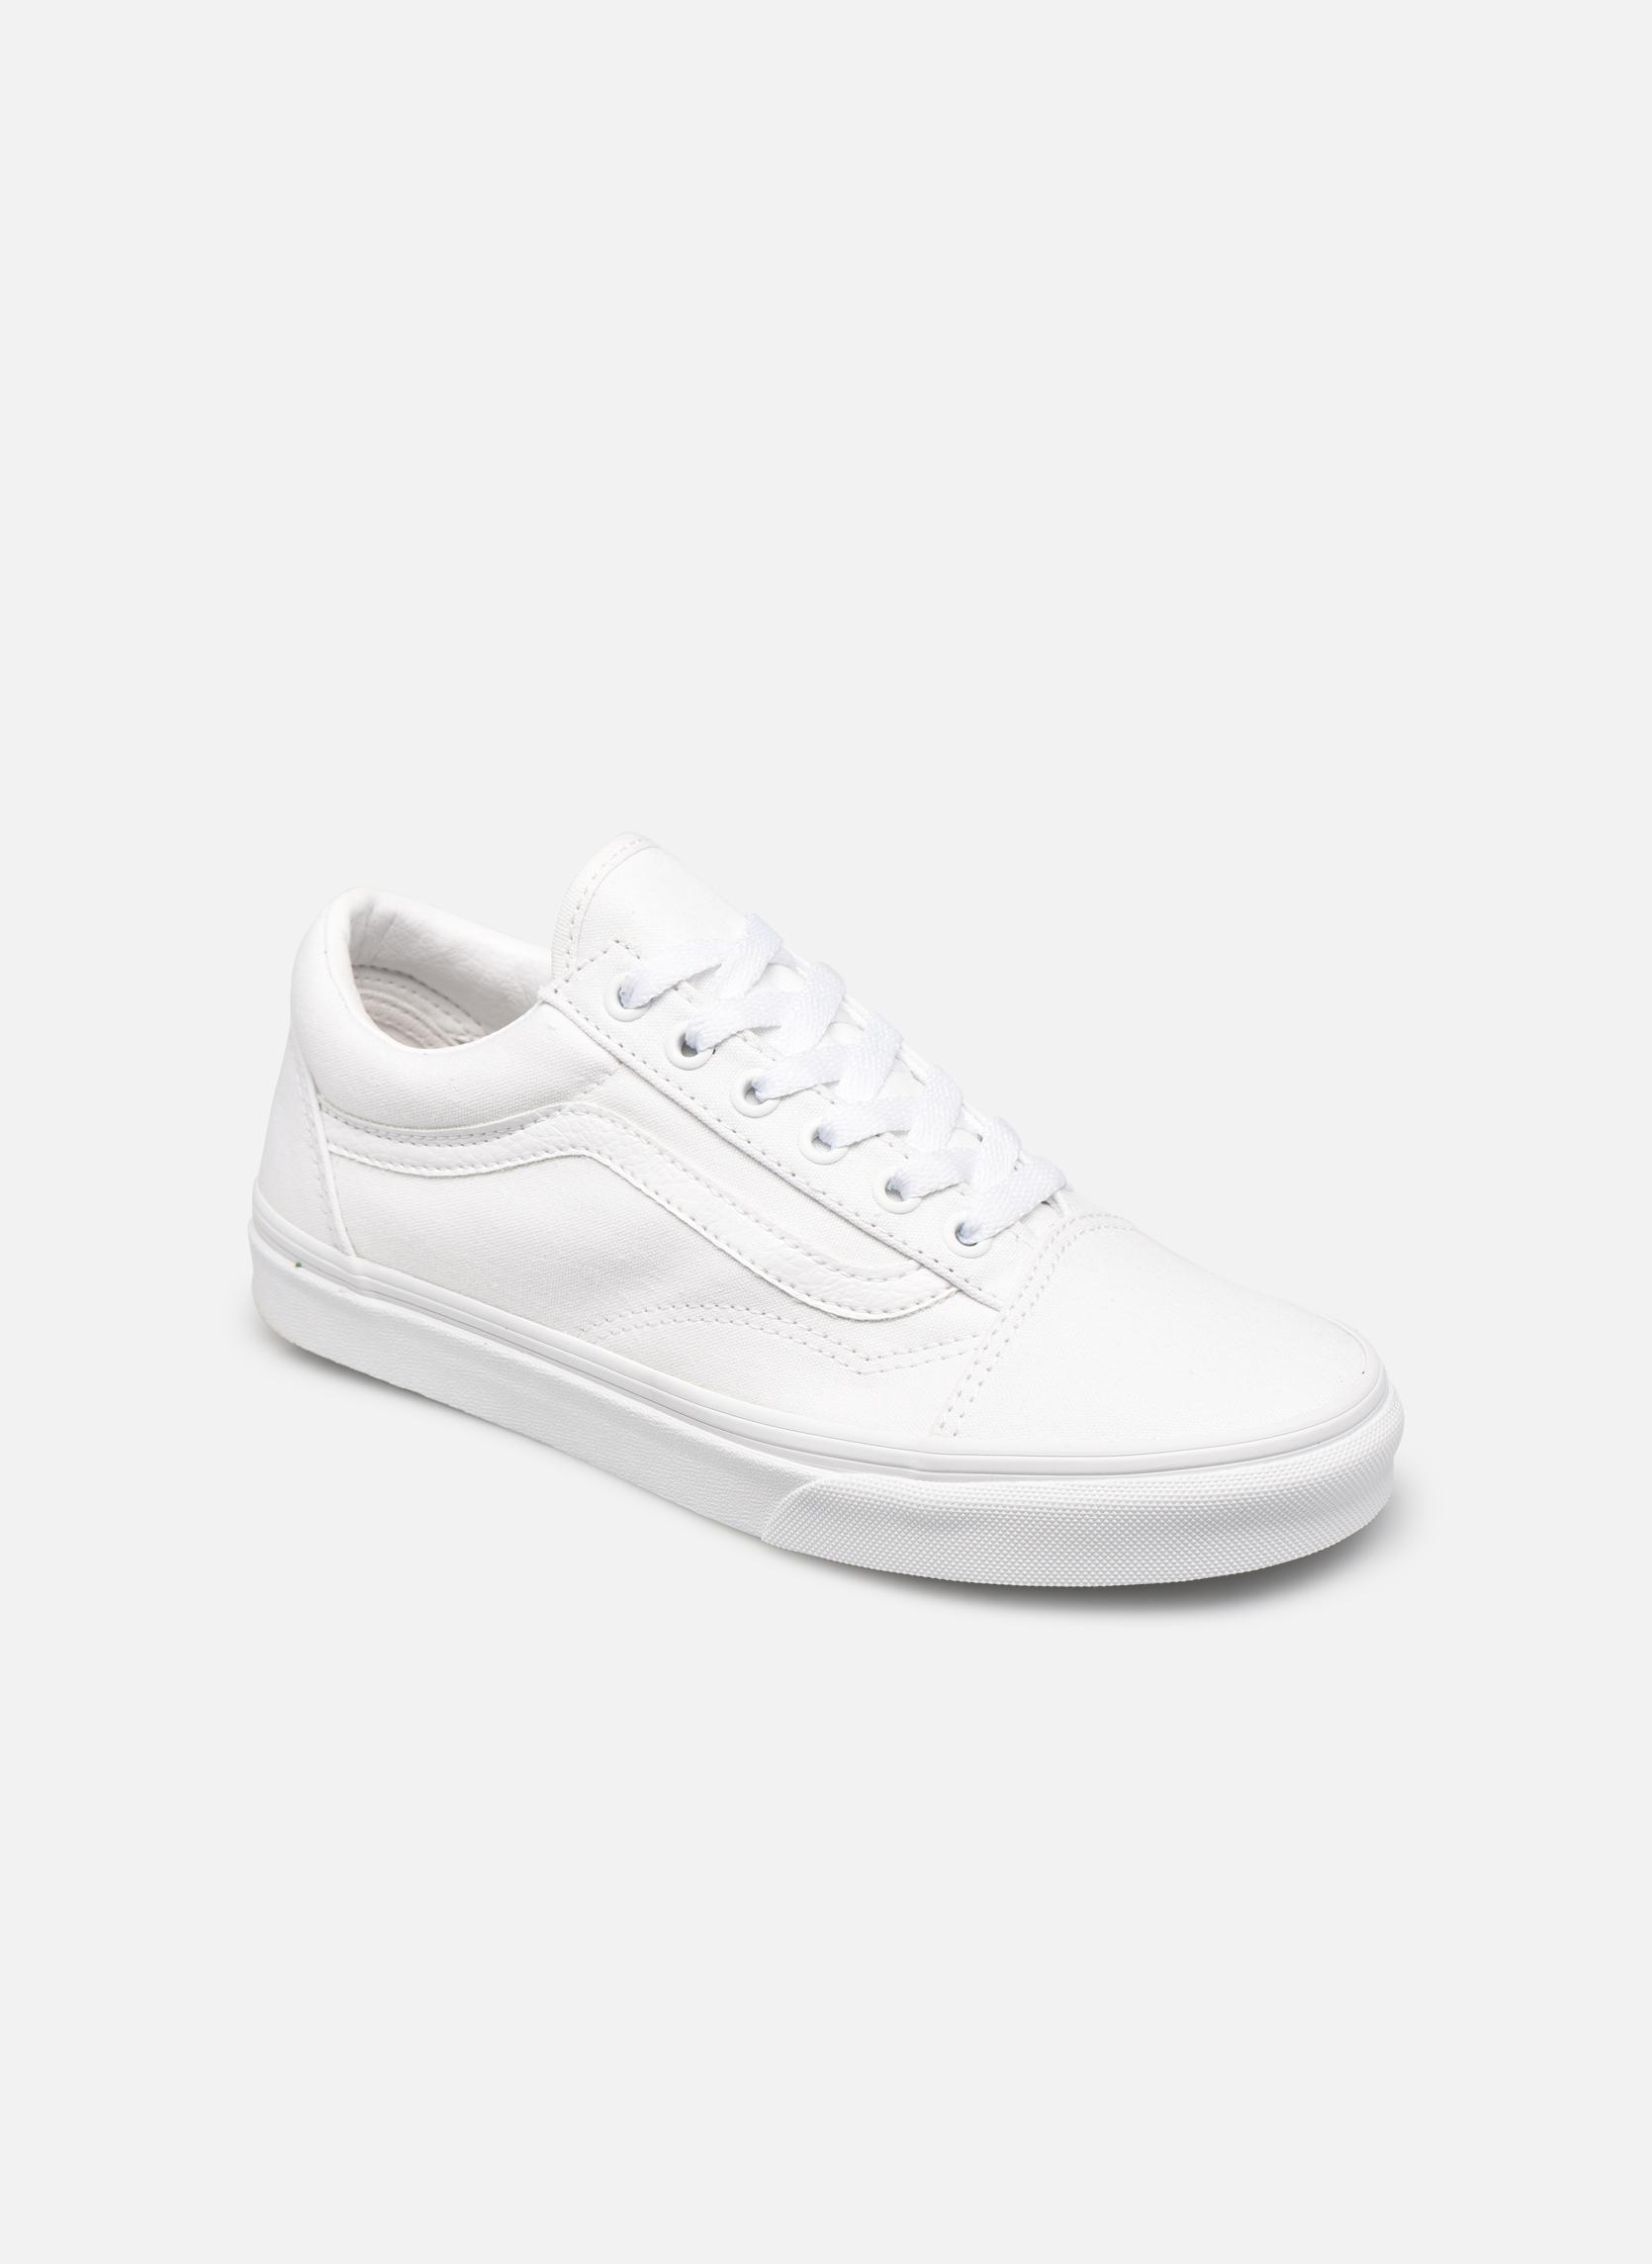 7eefeed56 Vans Old Skool W (Blanco) - Deportivas en en en Más cómodo Nuevos zapatos  para hombres y mujeres